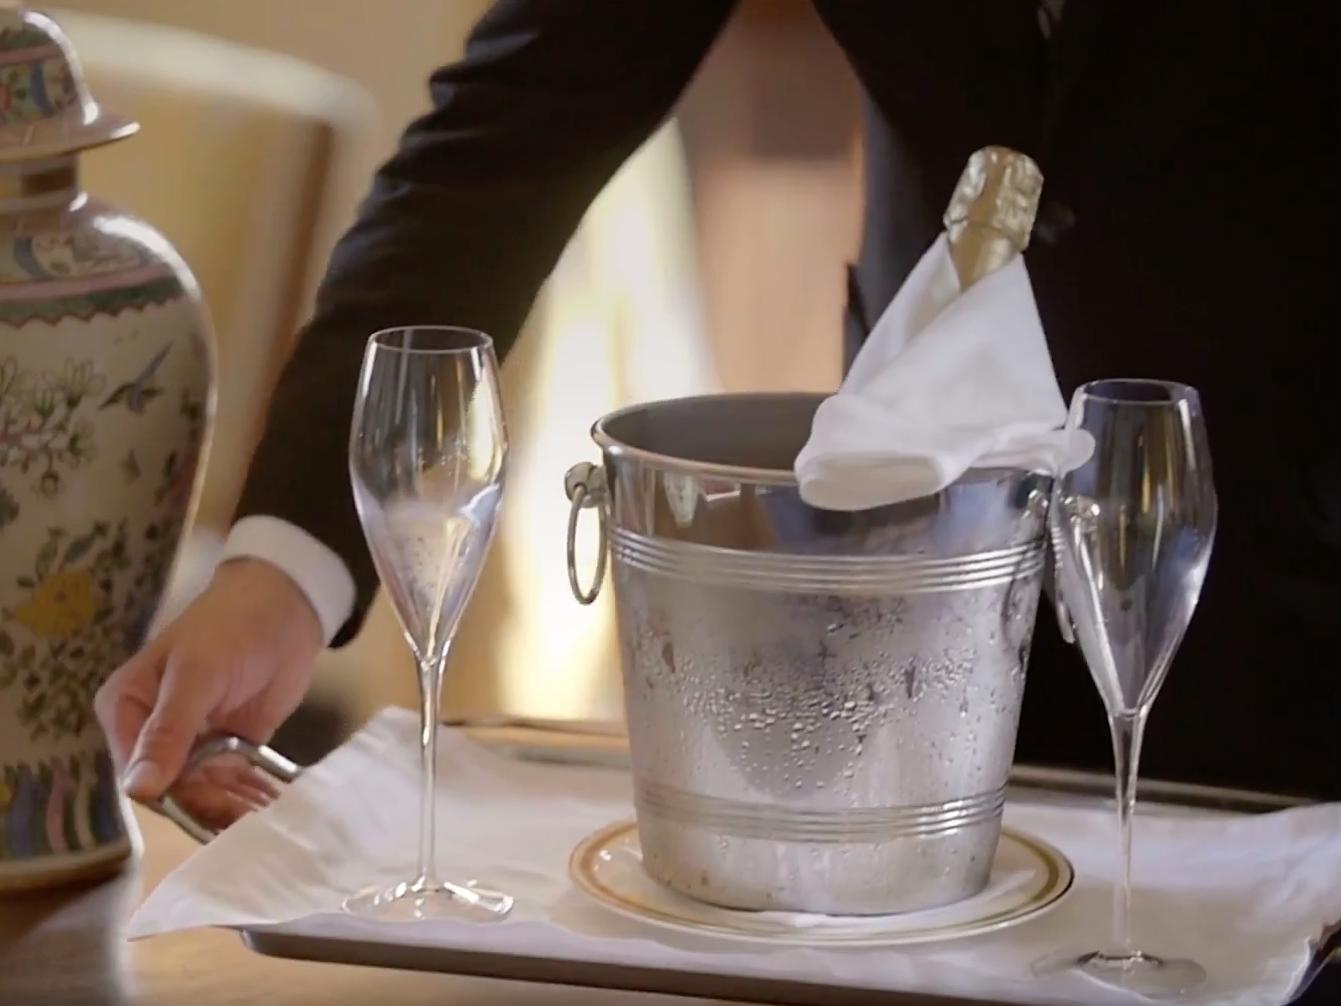 Room service at Castello dal Pozzo in Oleggio Castello, Italy